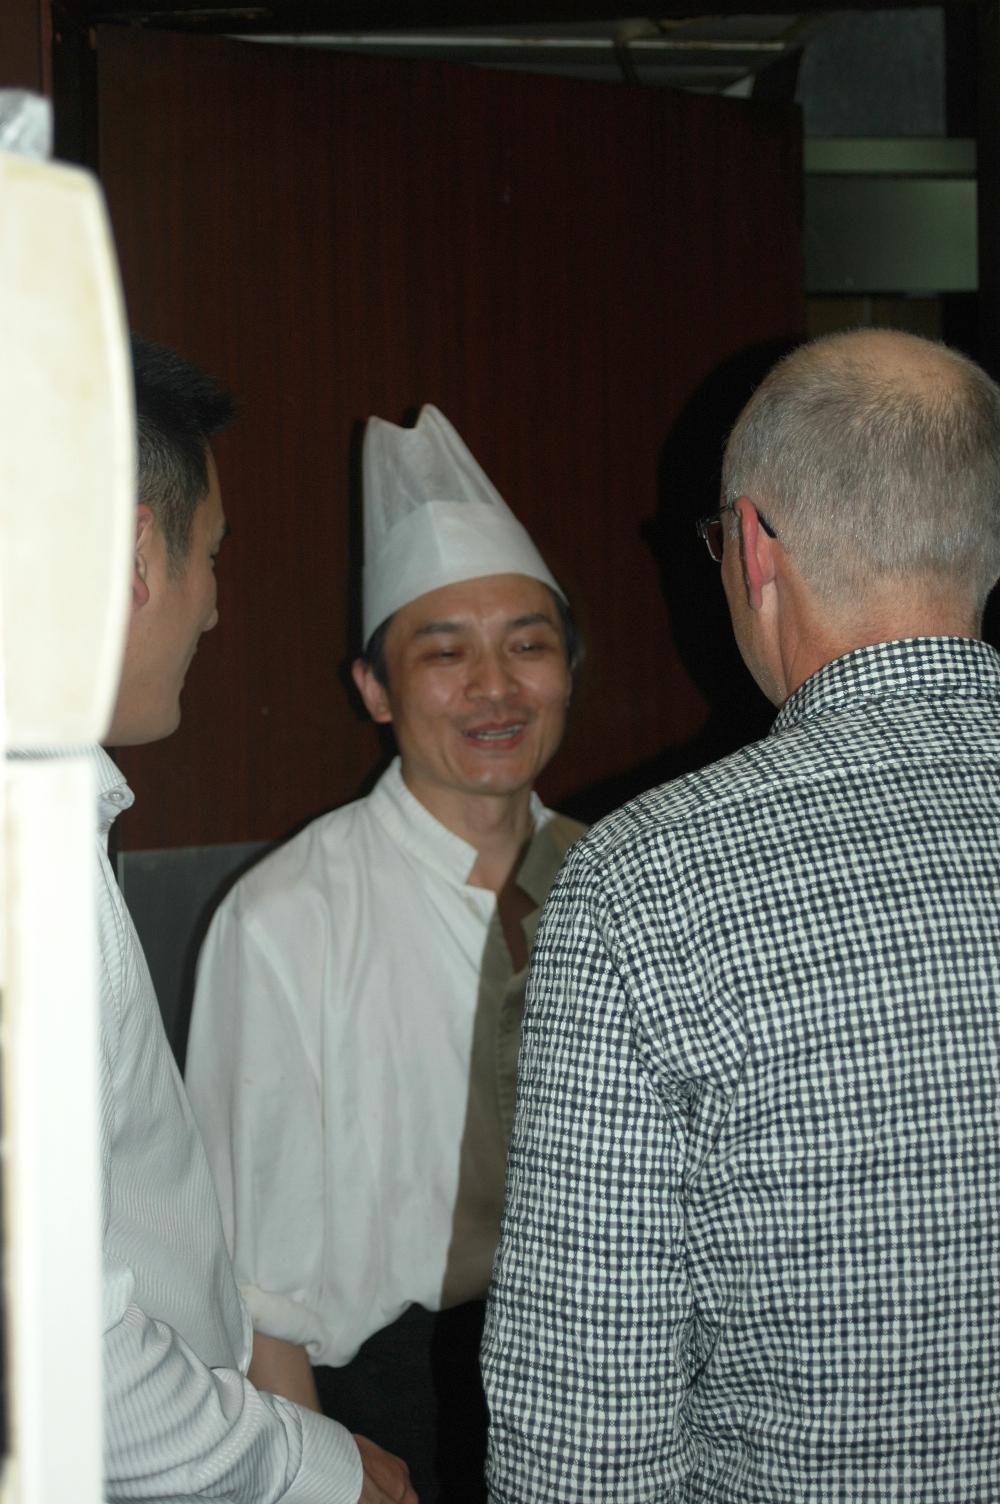 2012年10月20日: 上海外滩,访问团在上海姥姥家常菜 餐厅用膳, 市长感谢厨师工作。。